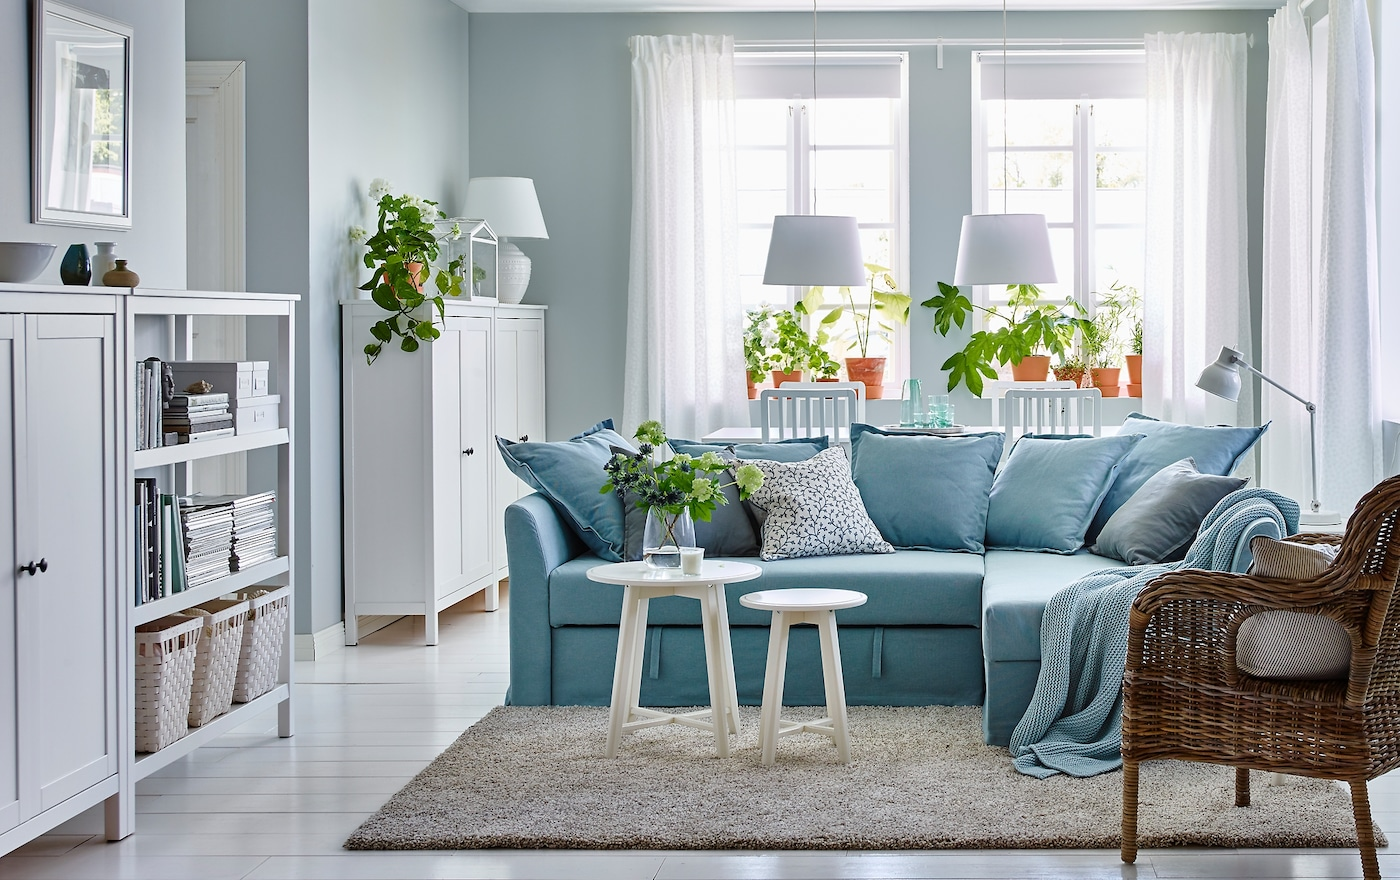 Charmant Ein überwiegend In Weiß Gehaltenes Wohnzimmer Mit Essbereich Mit HOLMSUND  Eckbettsofa Mit Bezug U201eOrrstau201c